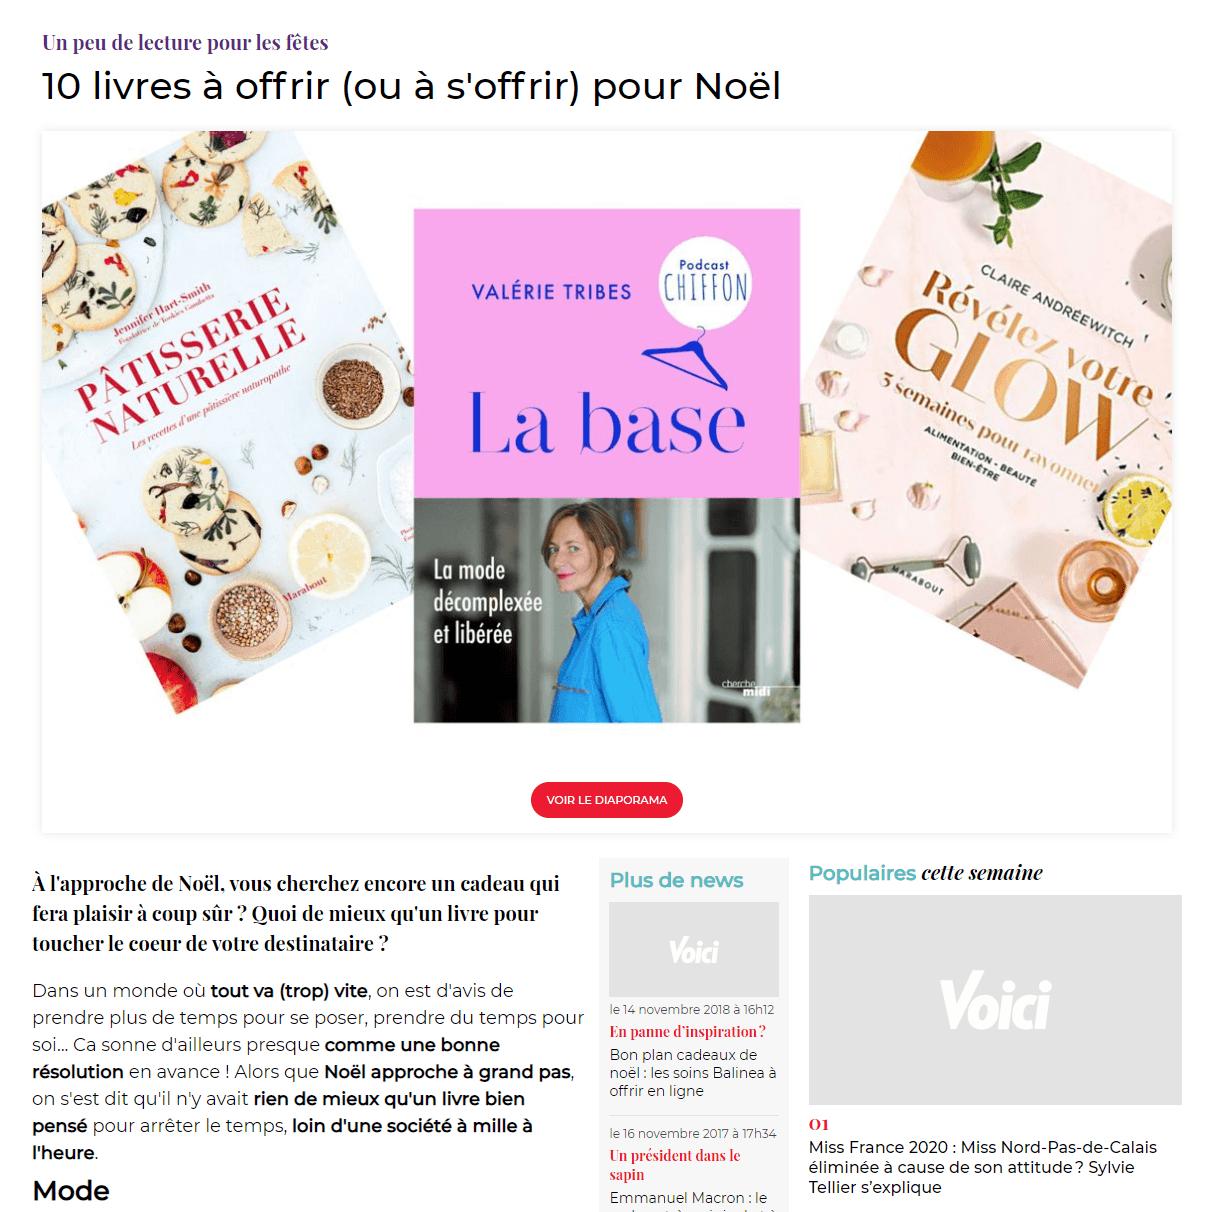 10 livres à offrir (ou à s'offrir) pour Noël